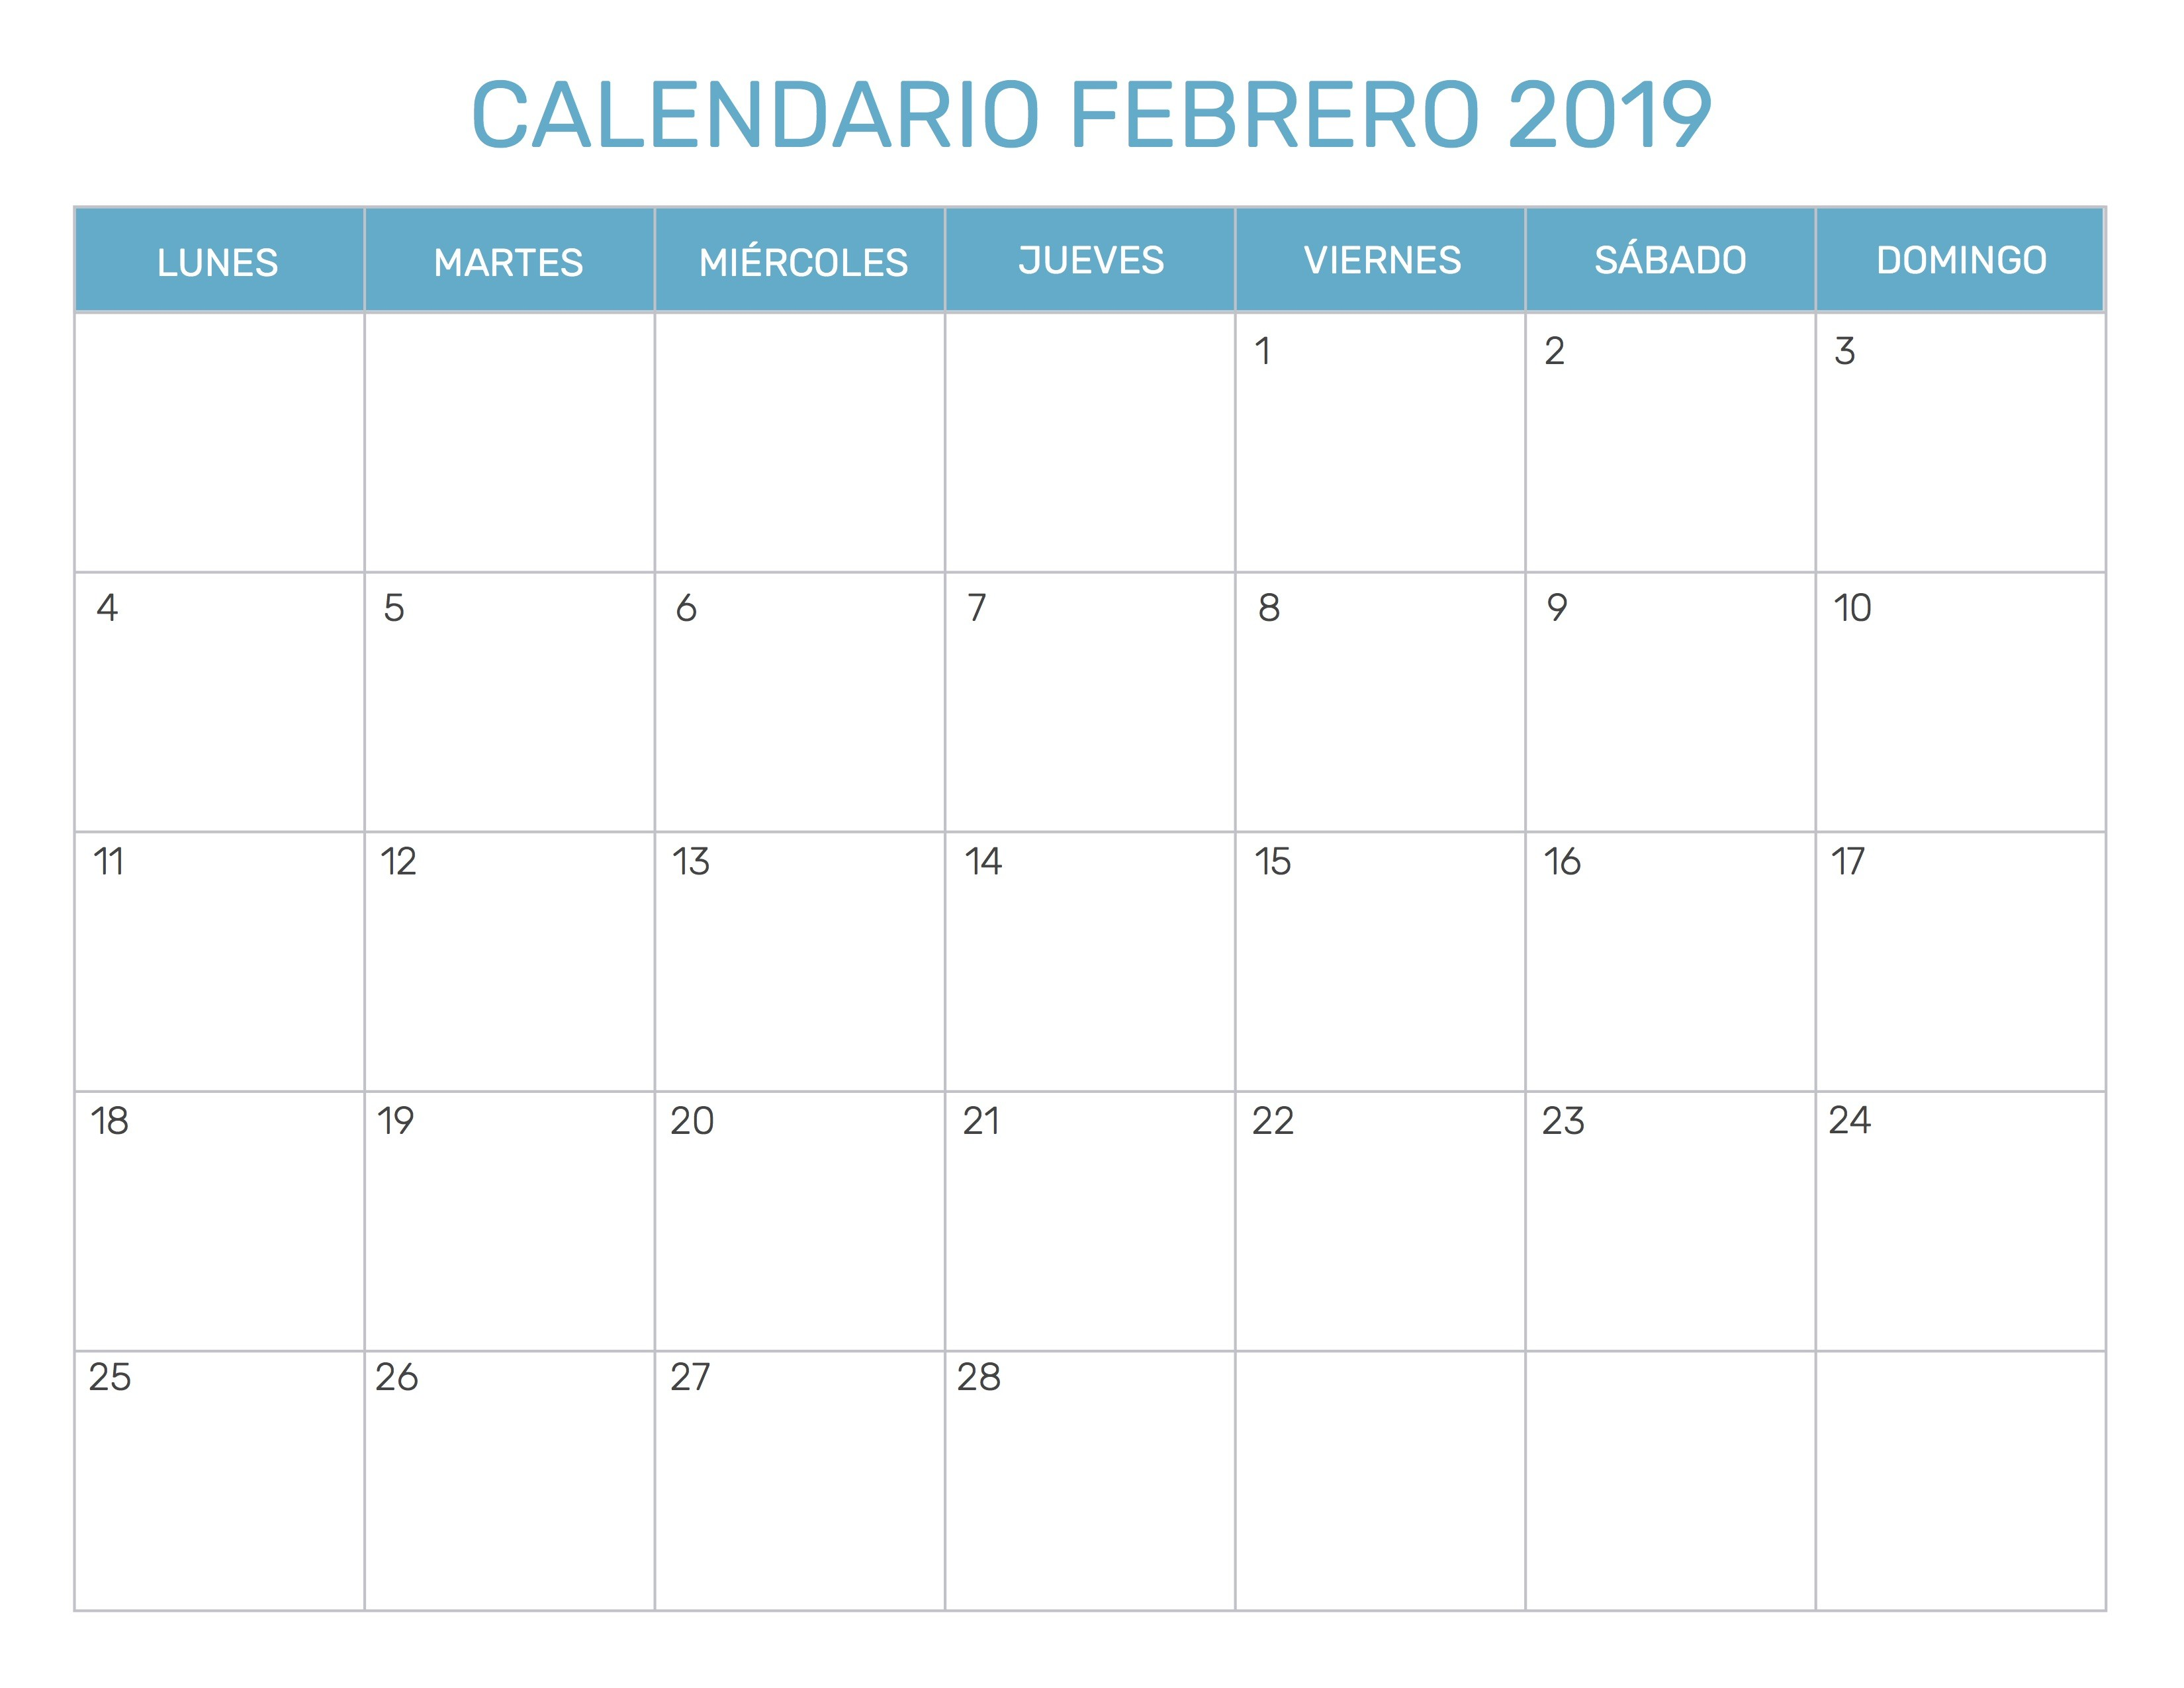 Calendario 2019 Para Argentina Recientes Calendario Mensual Para Imprimir A±o 2019 Of Calendario 2019 Para Argentina Más Recientes Argentina Summit 2019 Ad – Anna Litwiller